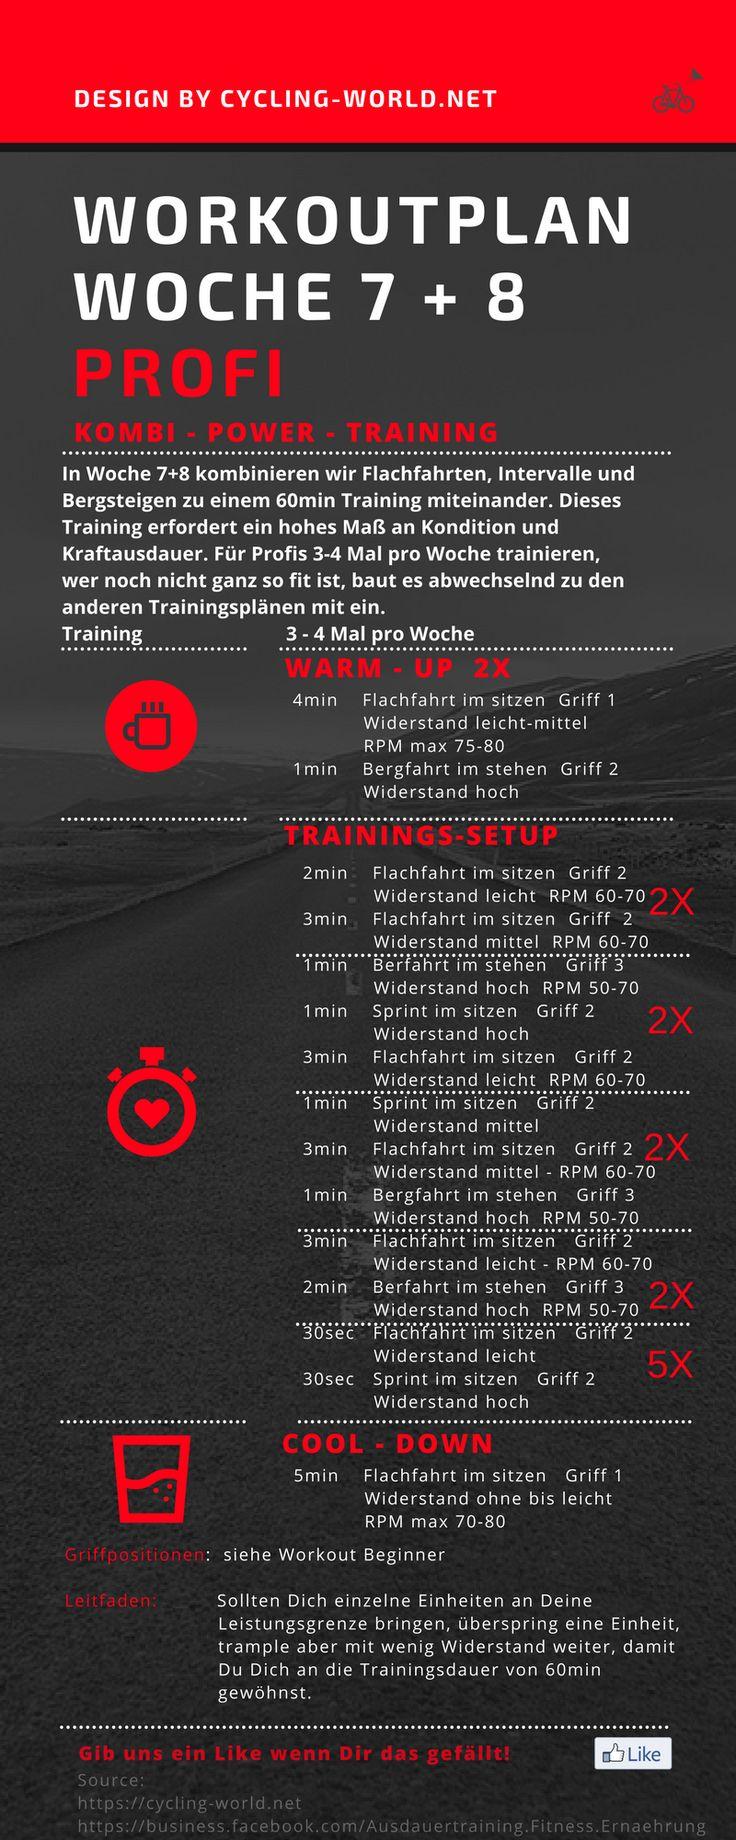 Indoor Cycling Workoutplan Woche 7&8. Wir kombinieren Flachfahrten, Bergsteigen und Intervalle zu einem 60min Training. #Indoorcycling #Spinning #Workout #Workoutplan #Ausdauertraining #Fettverbrennen #Schnellabnehmen #Triathlon